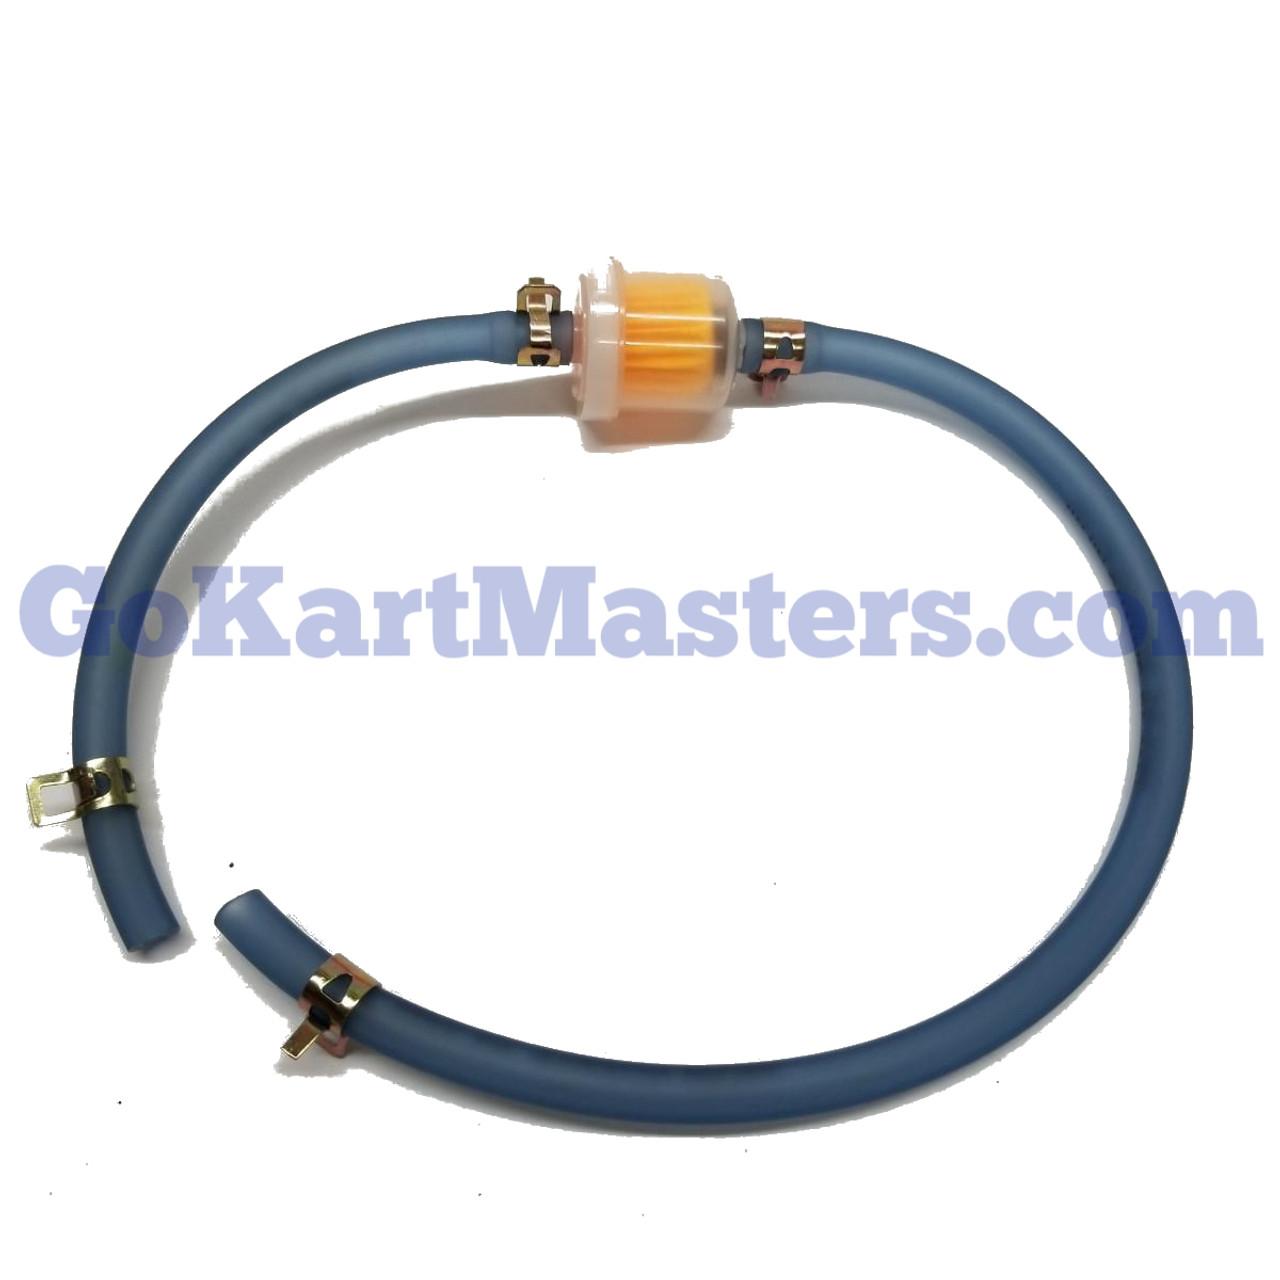 TrailMaster Go Kart Fuel Hose & Filter Kit (Blue)